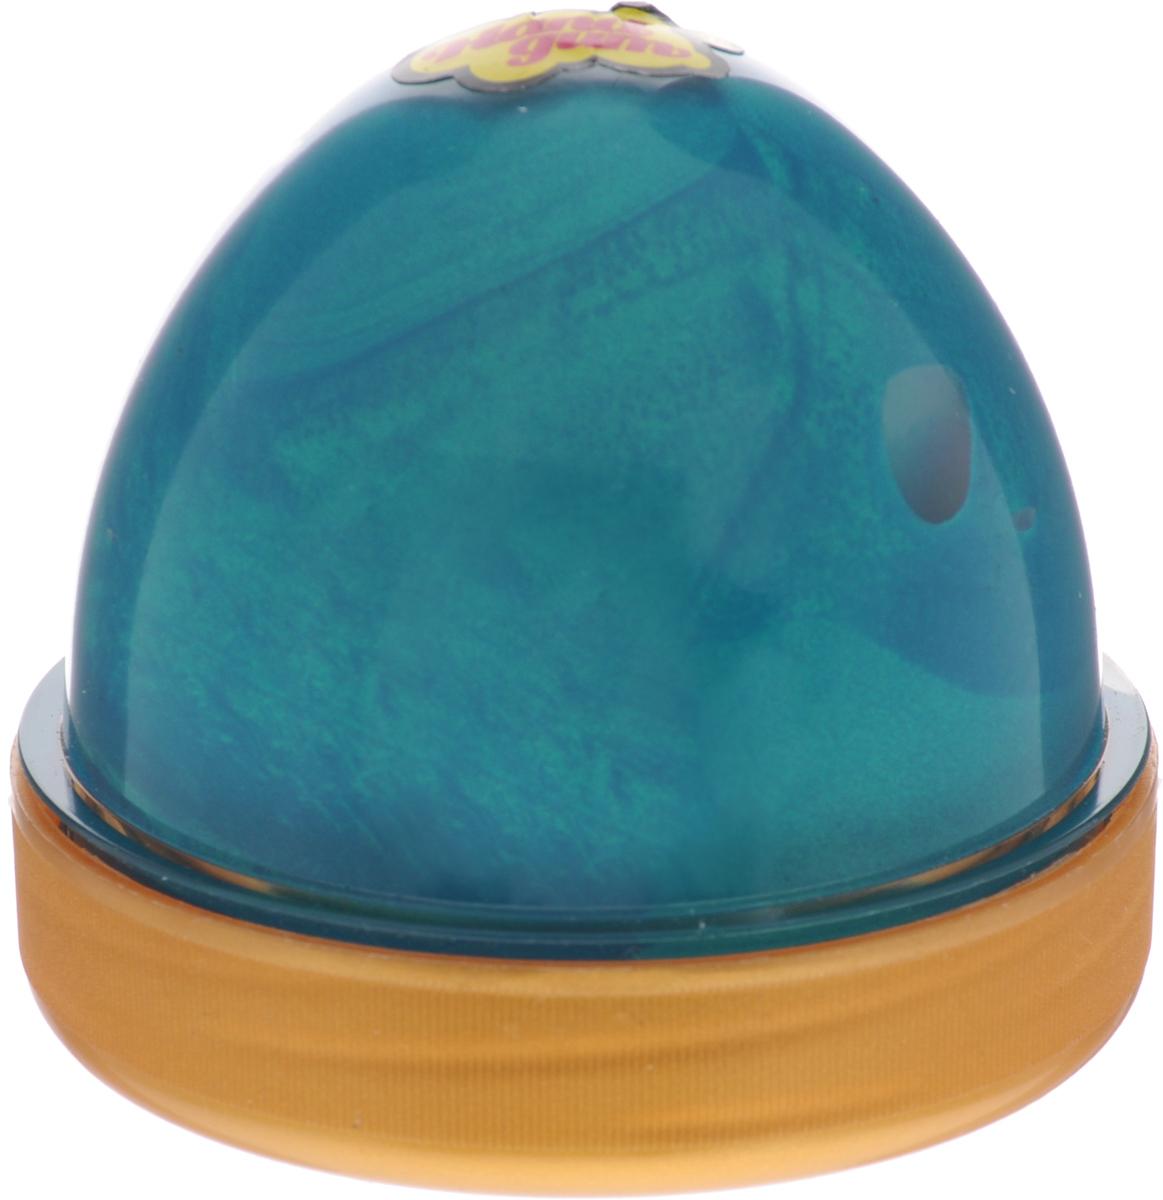 HandGum Жвачка для рук цвет чирок 70 г543/70Жвачка для рук HandGum с ароматом ледяной свежести изготовлена из упругого, пластичного и приятного на ощупь материала, ее можно растягивать, как резину, а если сильно дернуть, то можно порвать. Из нее отлично получаются скульптуры, которые живут считанные минуты, постепенно превращаясь в лужи. Прилепите ее на дверную ручку - и она капнет, скатайте шарик и ударьте об пол - он подпрыгнет. Кубик, кстати, тоже подпрыгнет, но совсем не туда, куда ожидается.